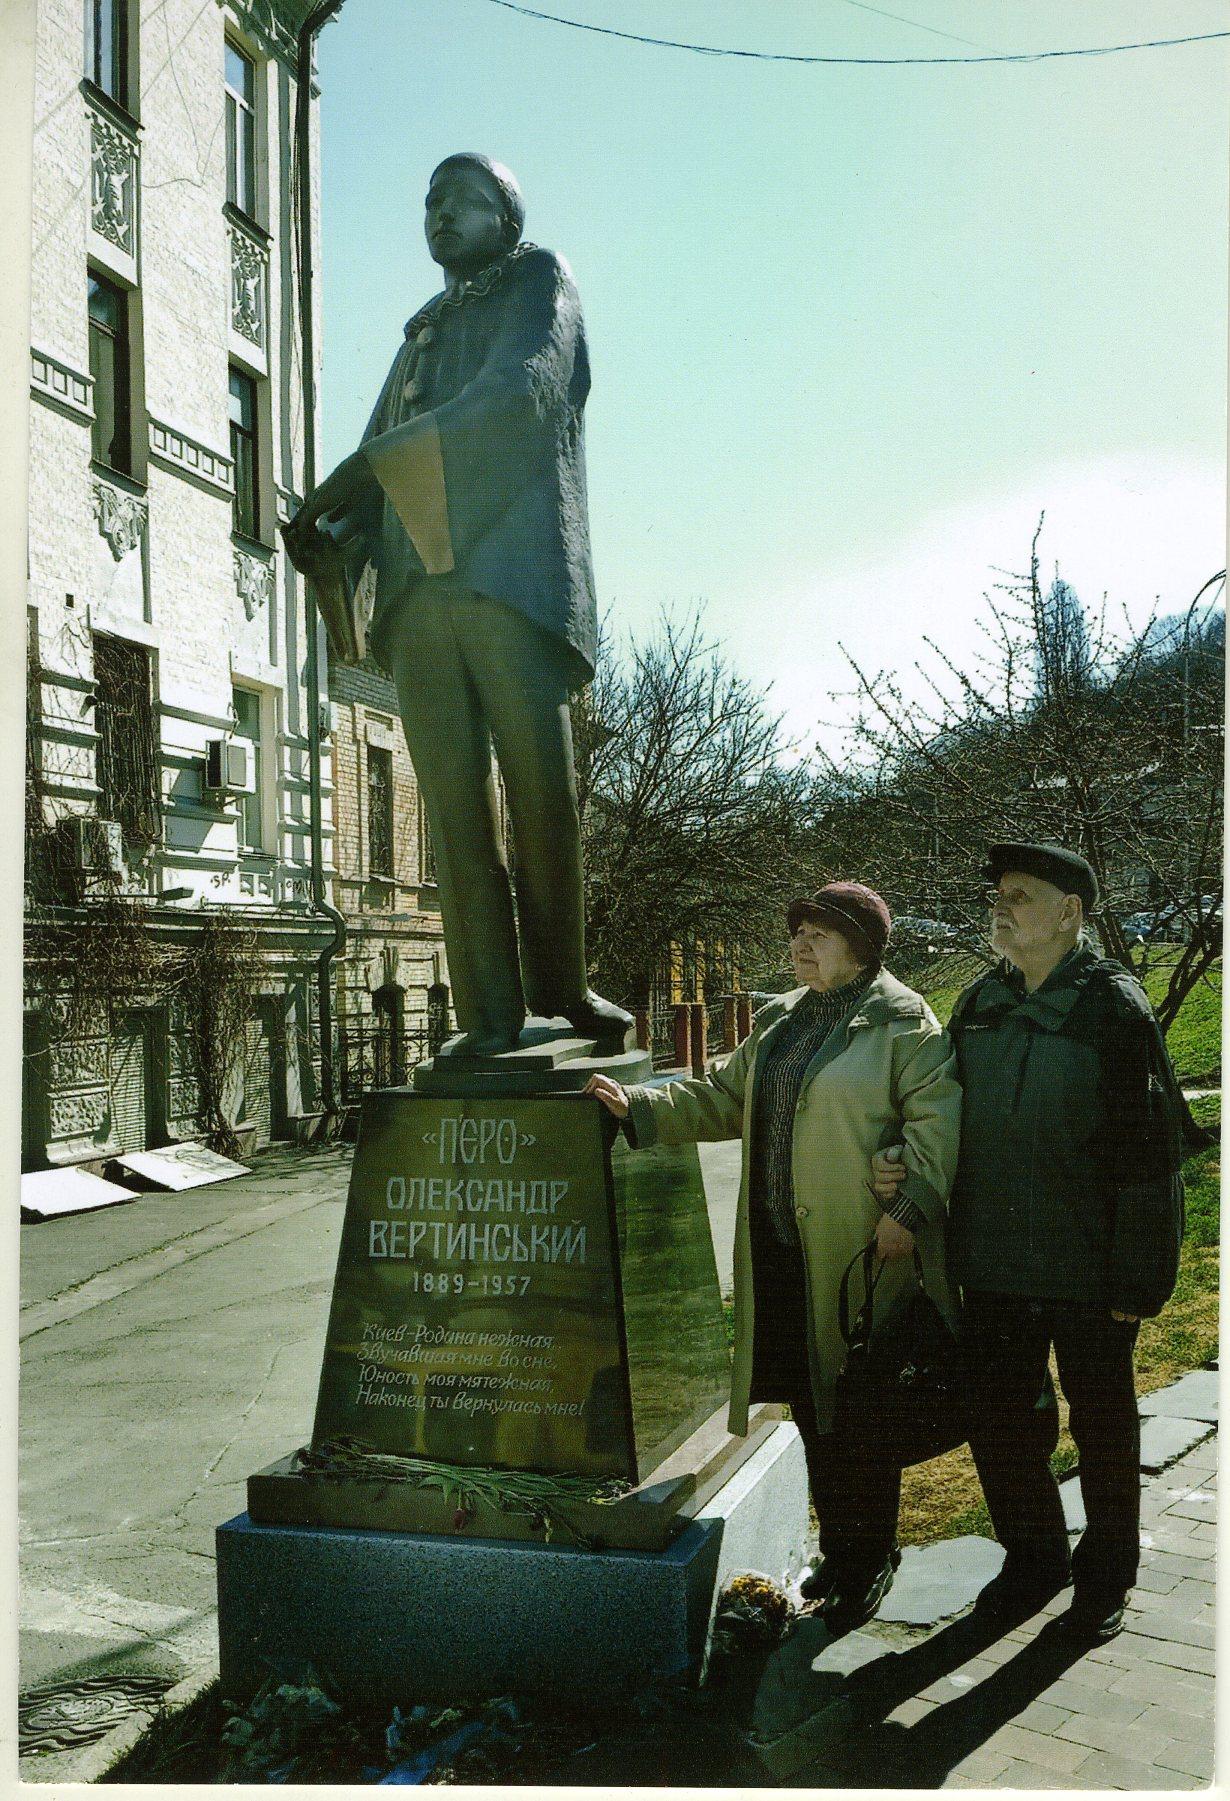 Александр Вертинский, памятник Вертинскому в Киевее